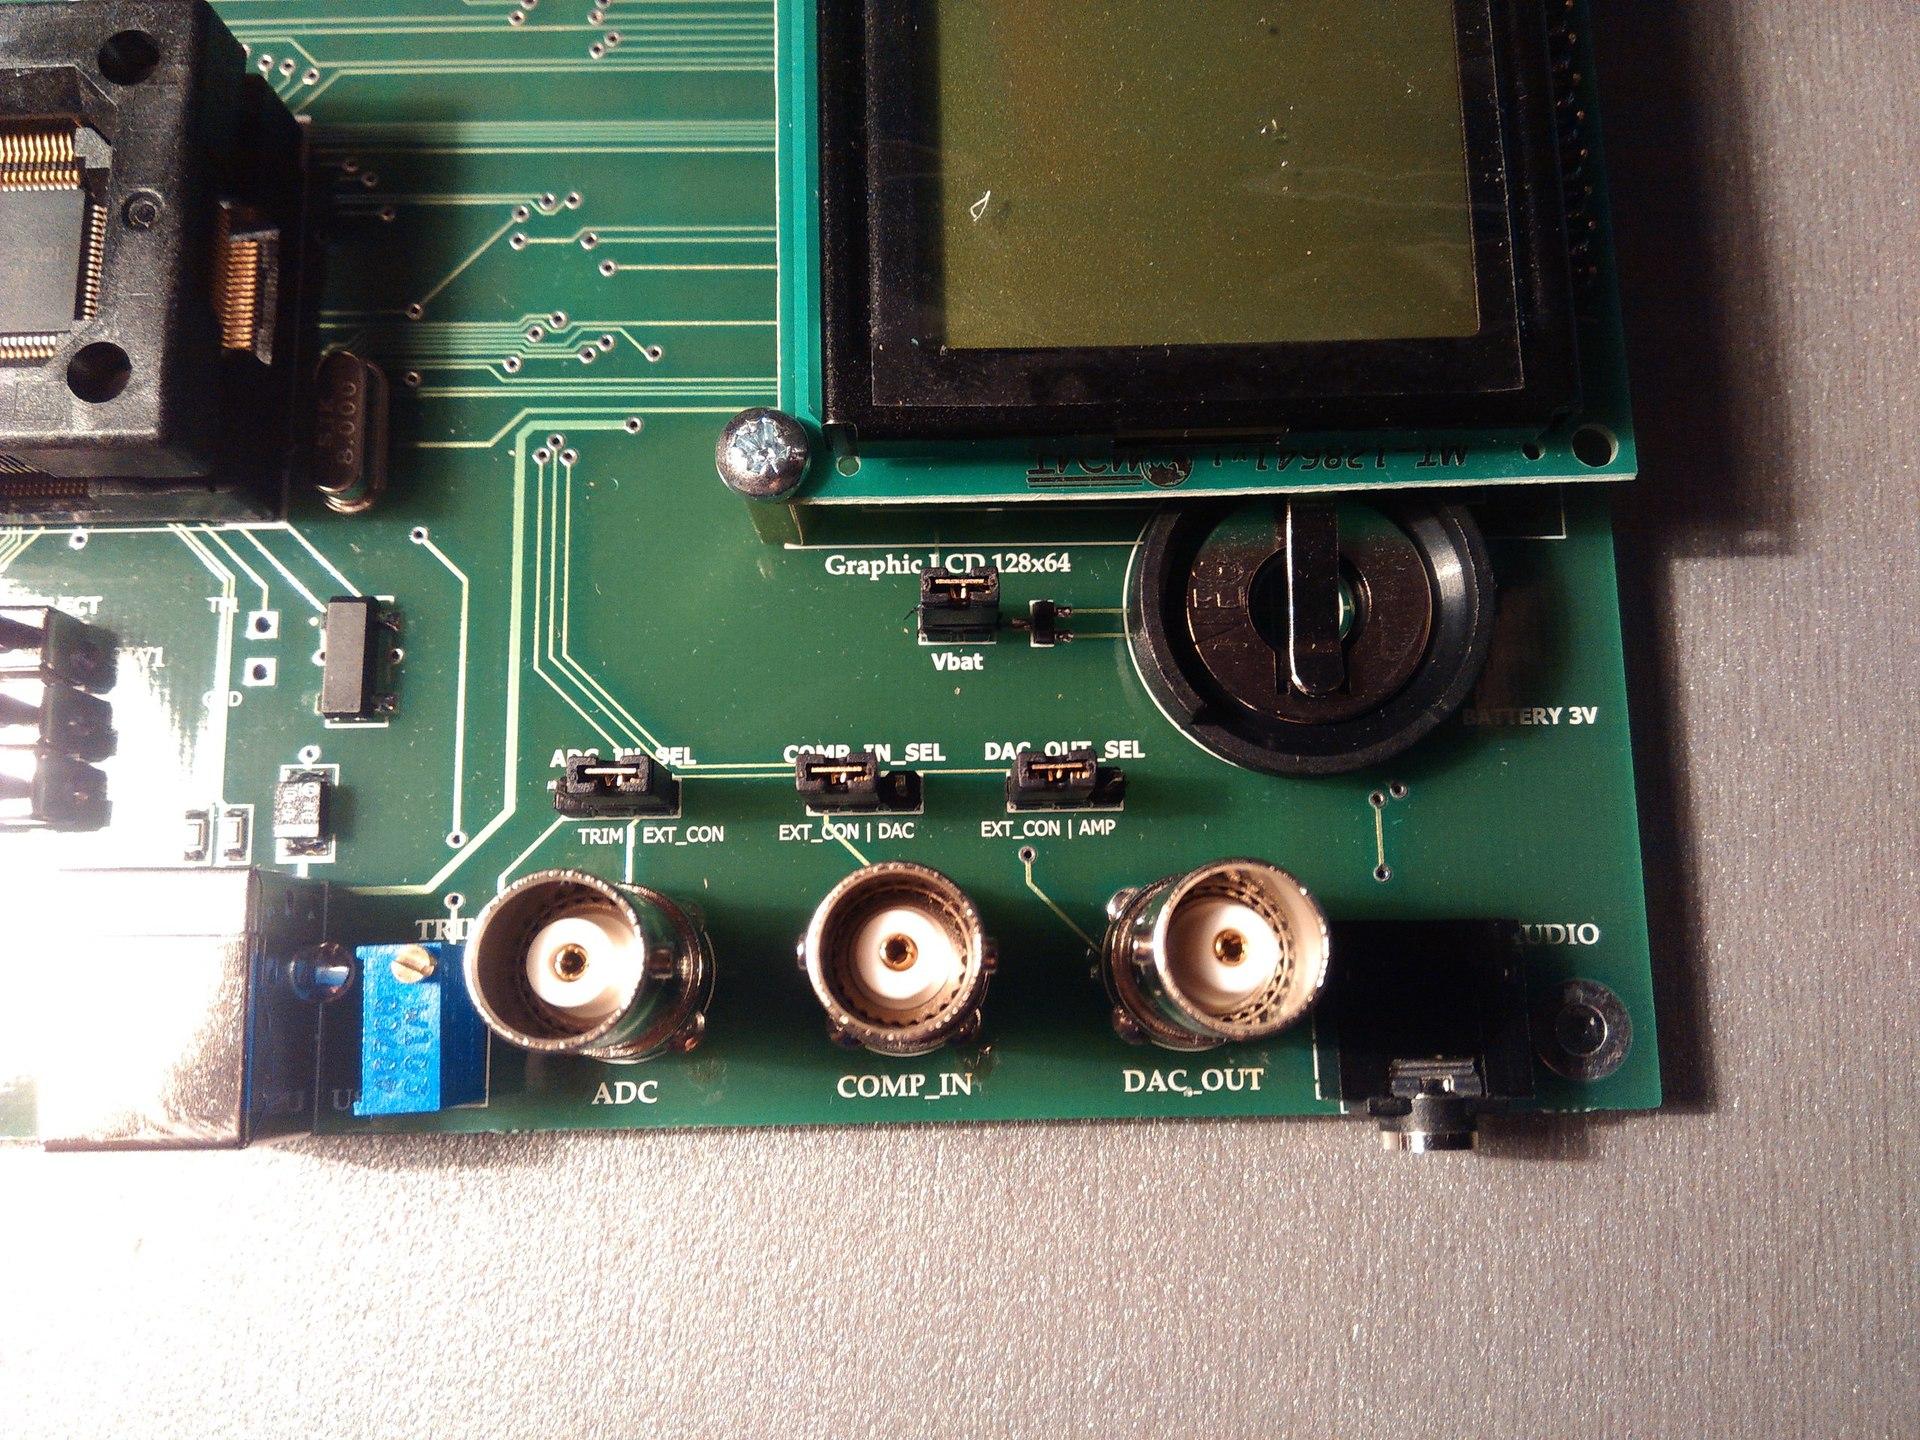 Переходим с STM32F103 на К1986ВЕ92QI. Или первое знакомство с российским микроконтроллером - 11